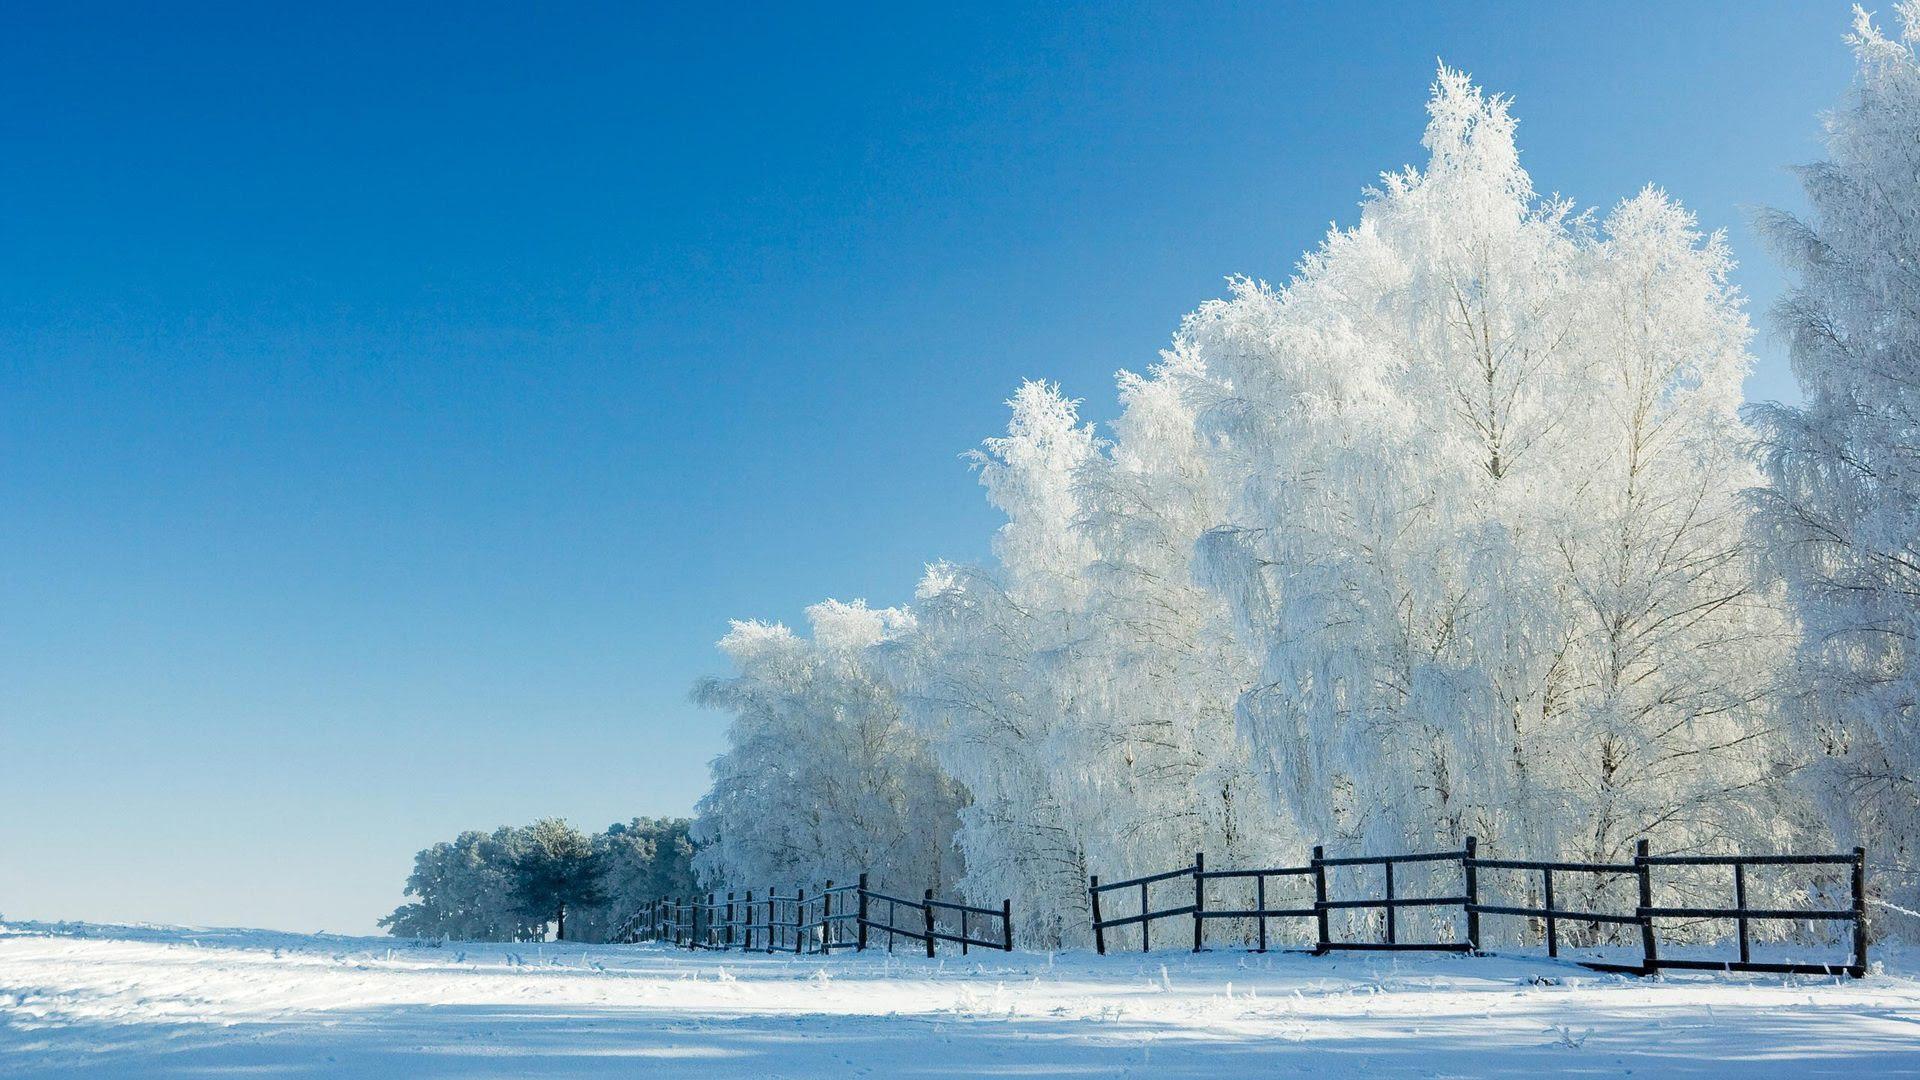 冬の雪の美しい風景のhdの壁紙 15 1920x1080 壁紙ダウンロード 冬